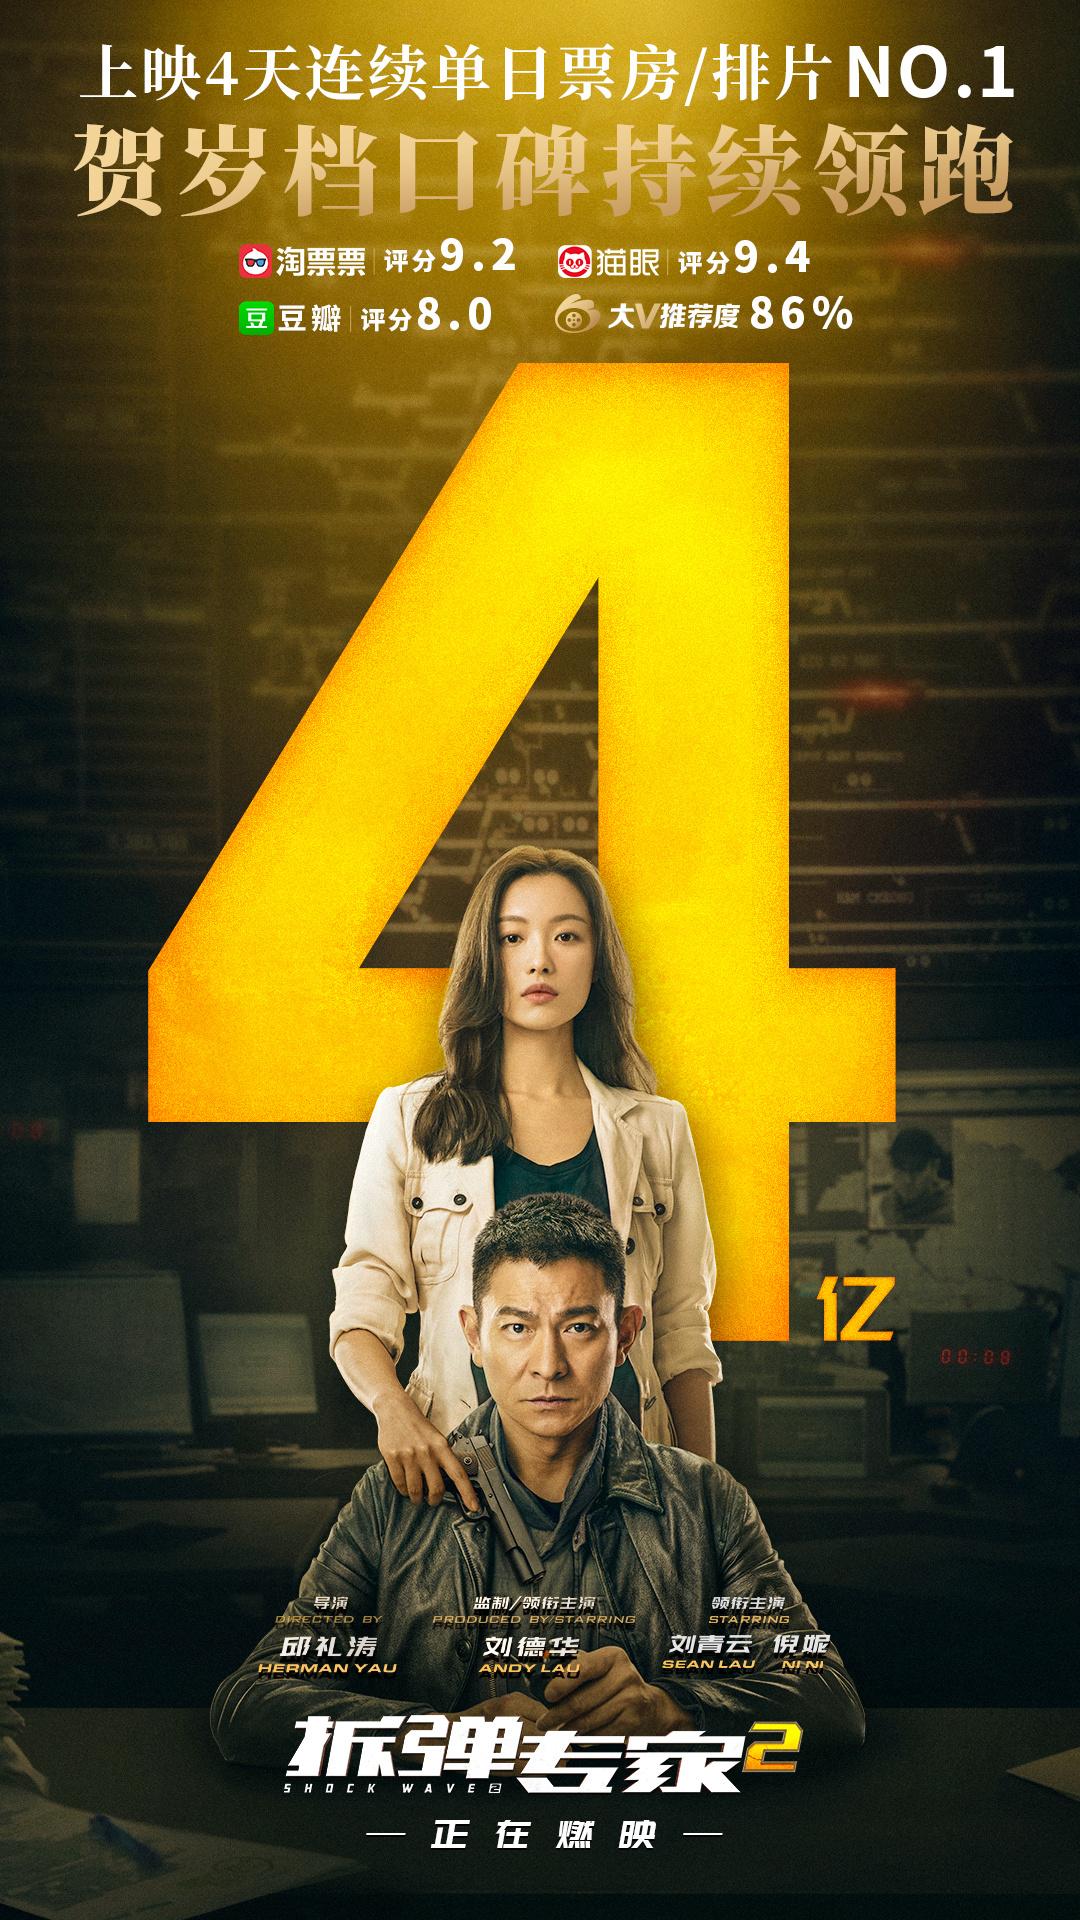 《拆弹专家2》曝光《爆炸特辑》首周末票房破4亿